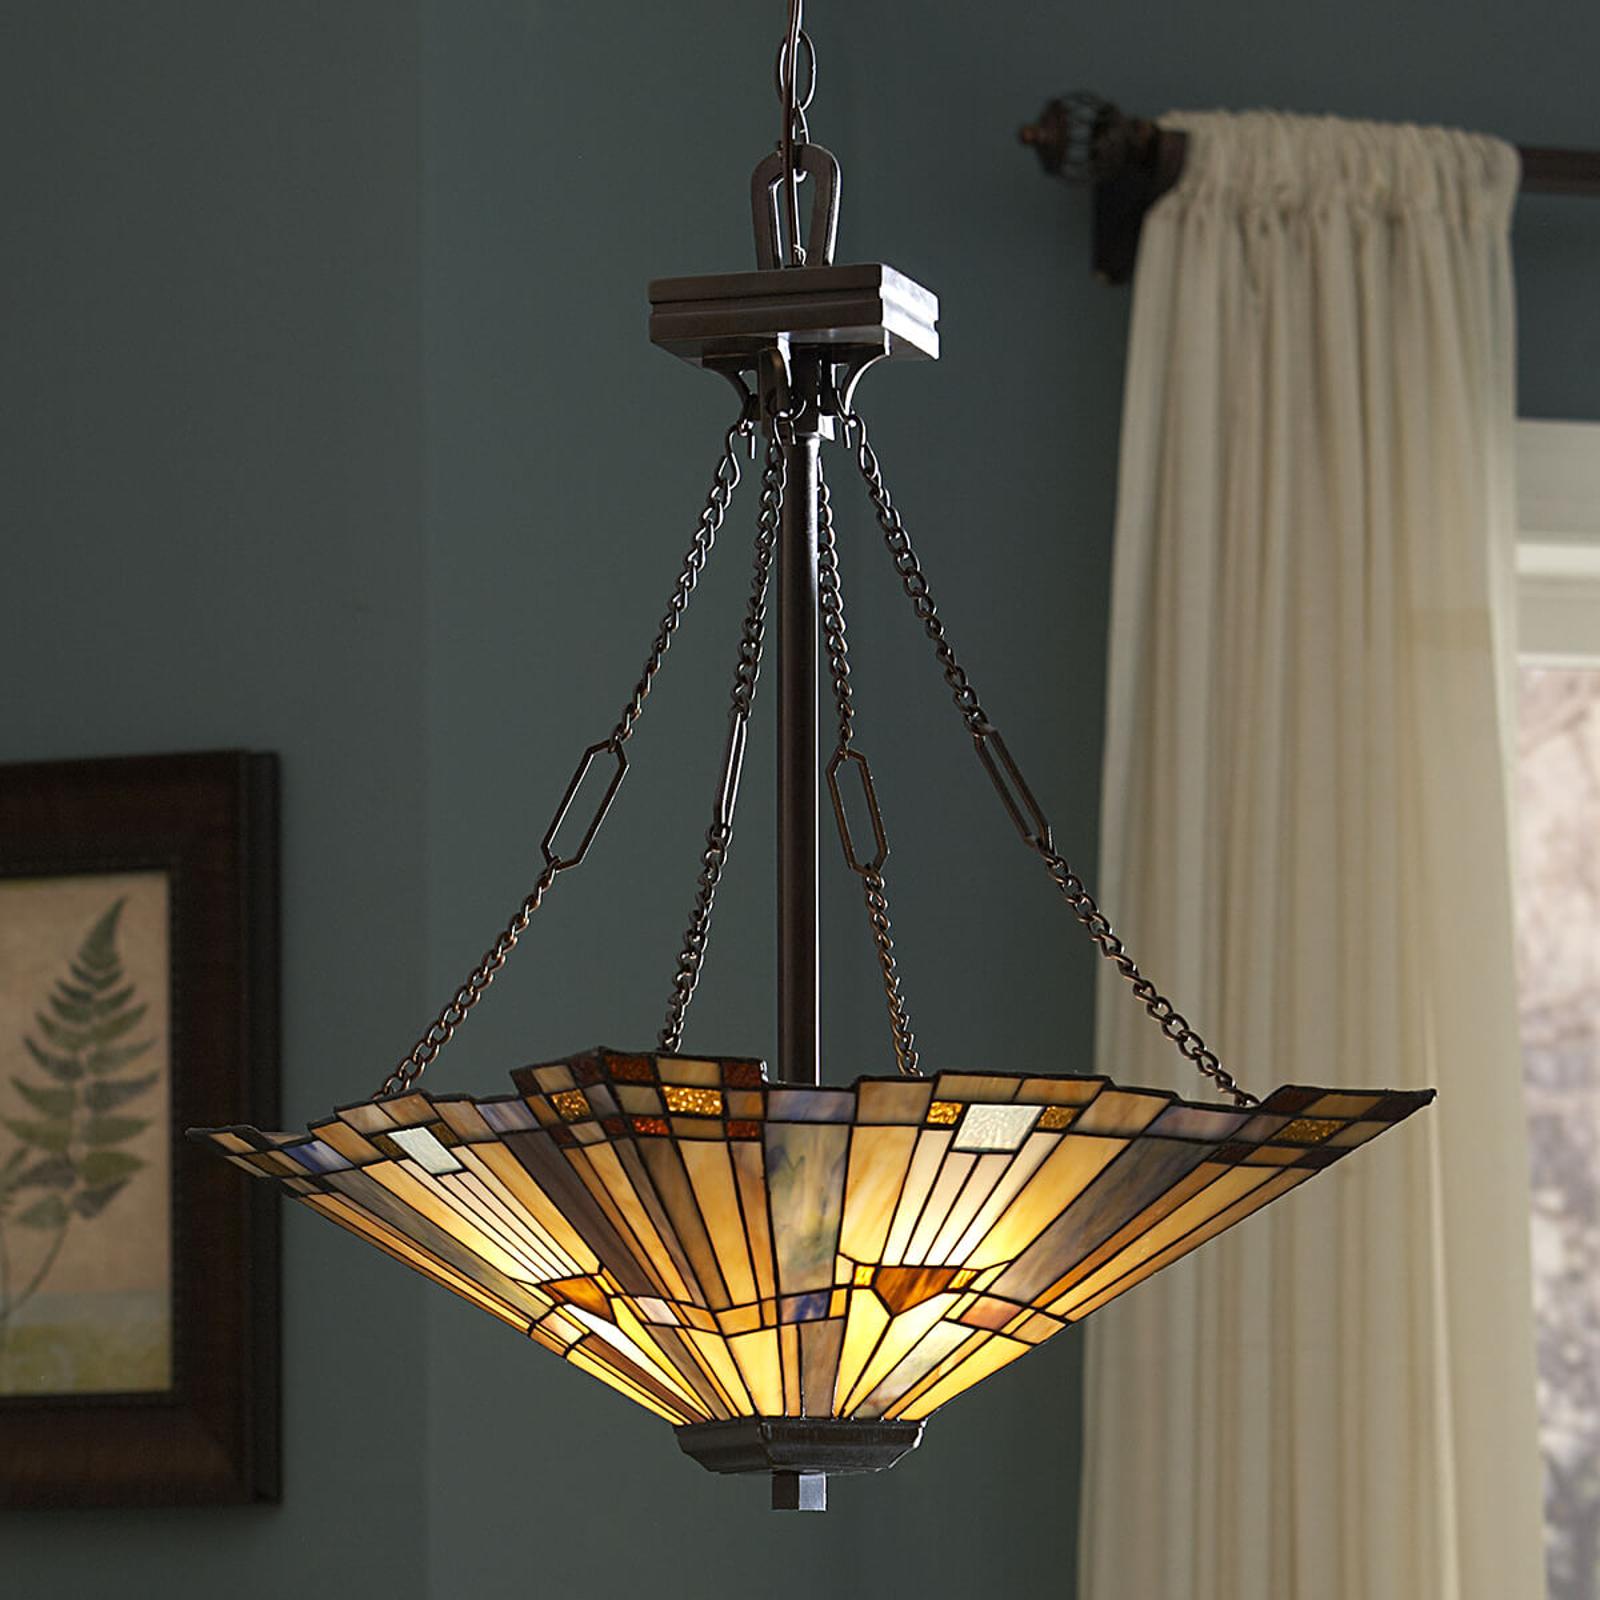 Enchanting hanging lamp Inglenook_3048346_1